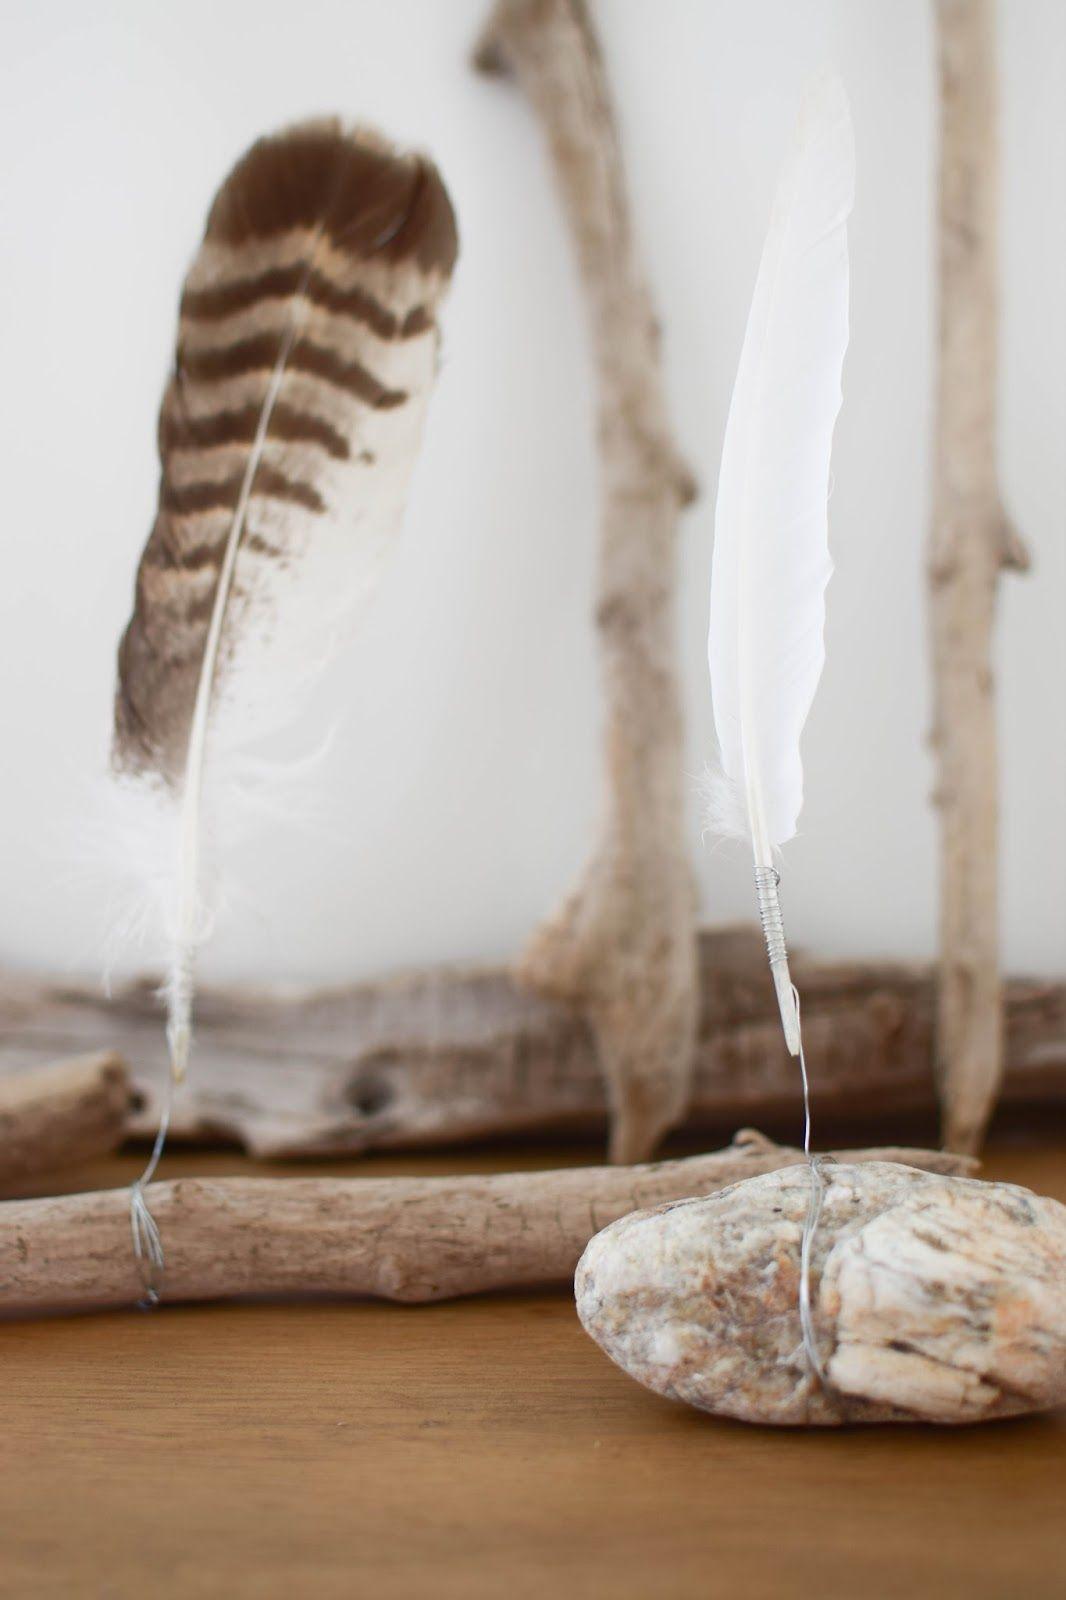 Badezimmer dekor bastelideen ich und die vögel federnlesen ein tolles federdekodiy und eine